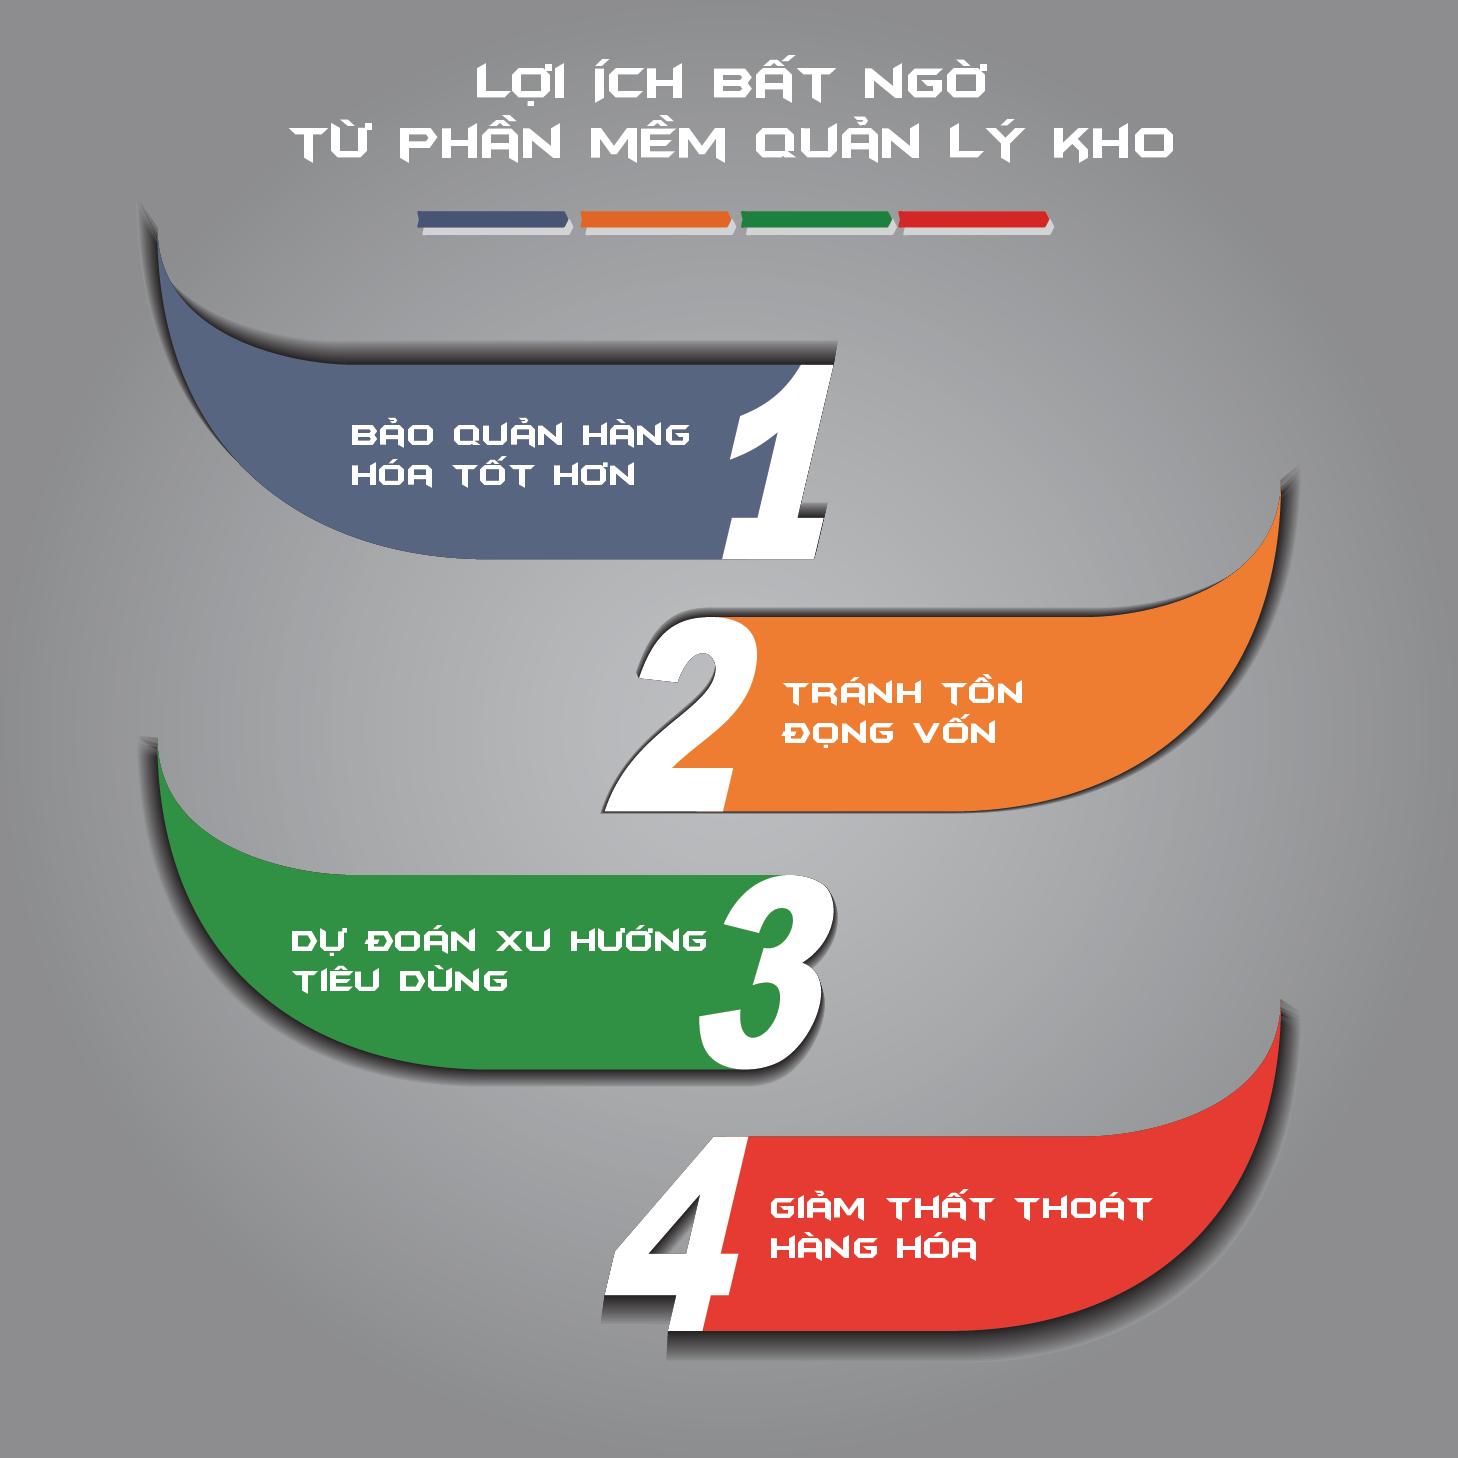 loi-ich-bat-ngo-tu-phan-mem-quan-ly-kho